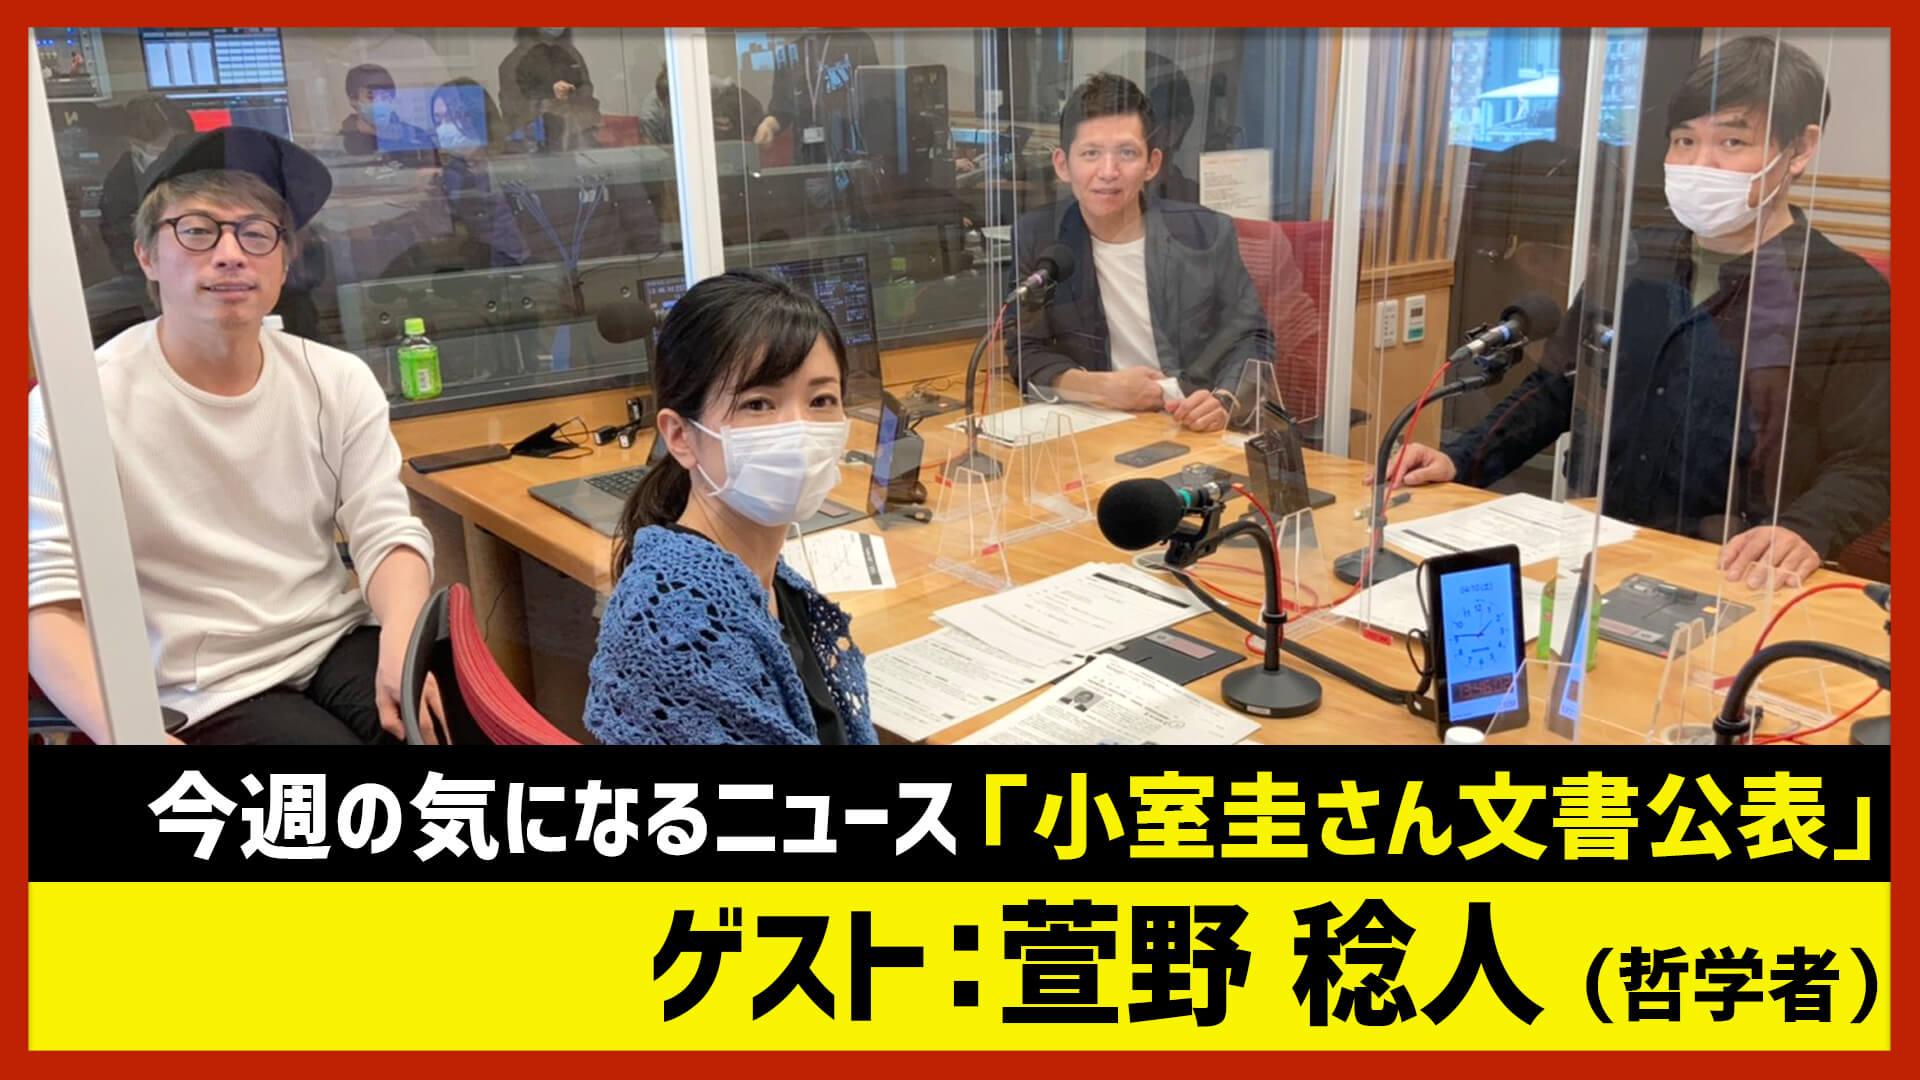 【田村淳のNewsCLUB】ゲスト: 萱野稔人さん(2021年4月10日前半)